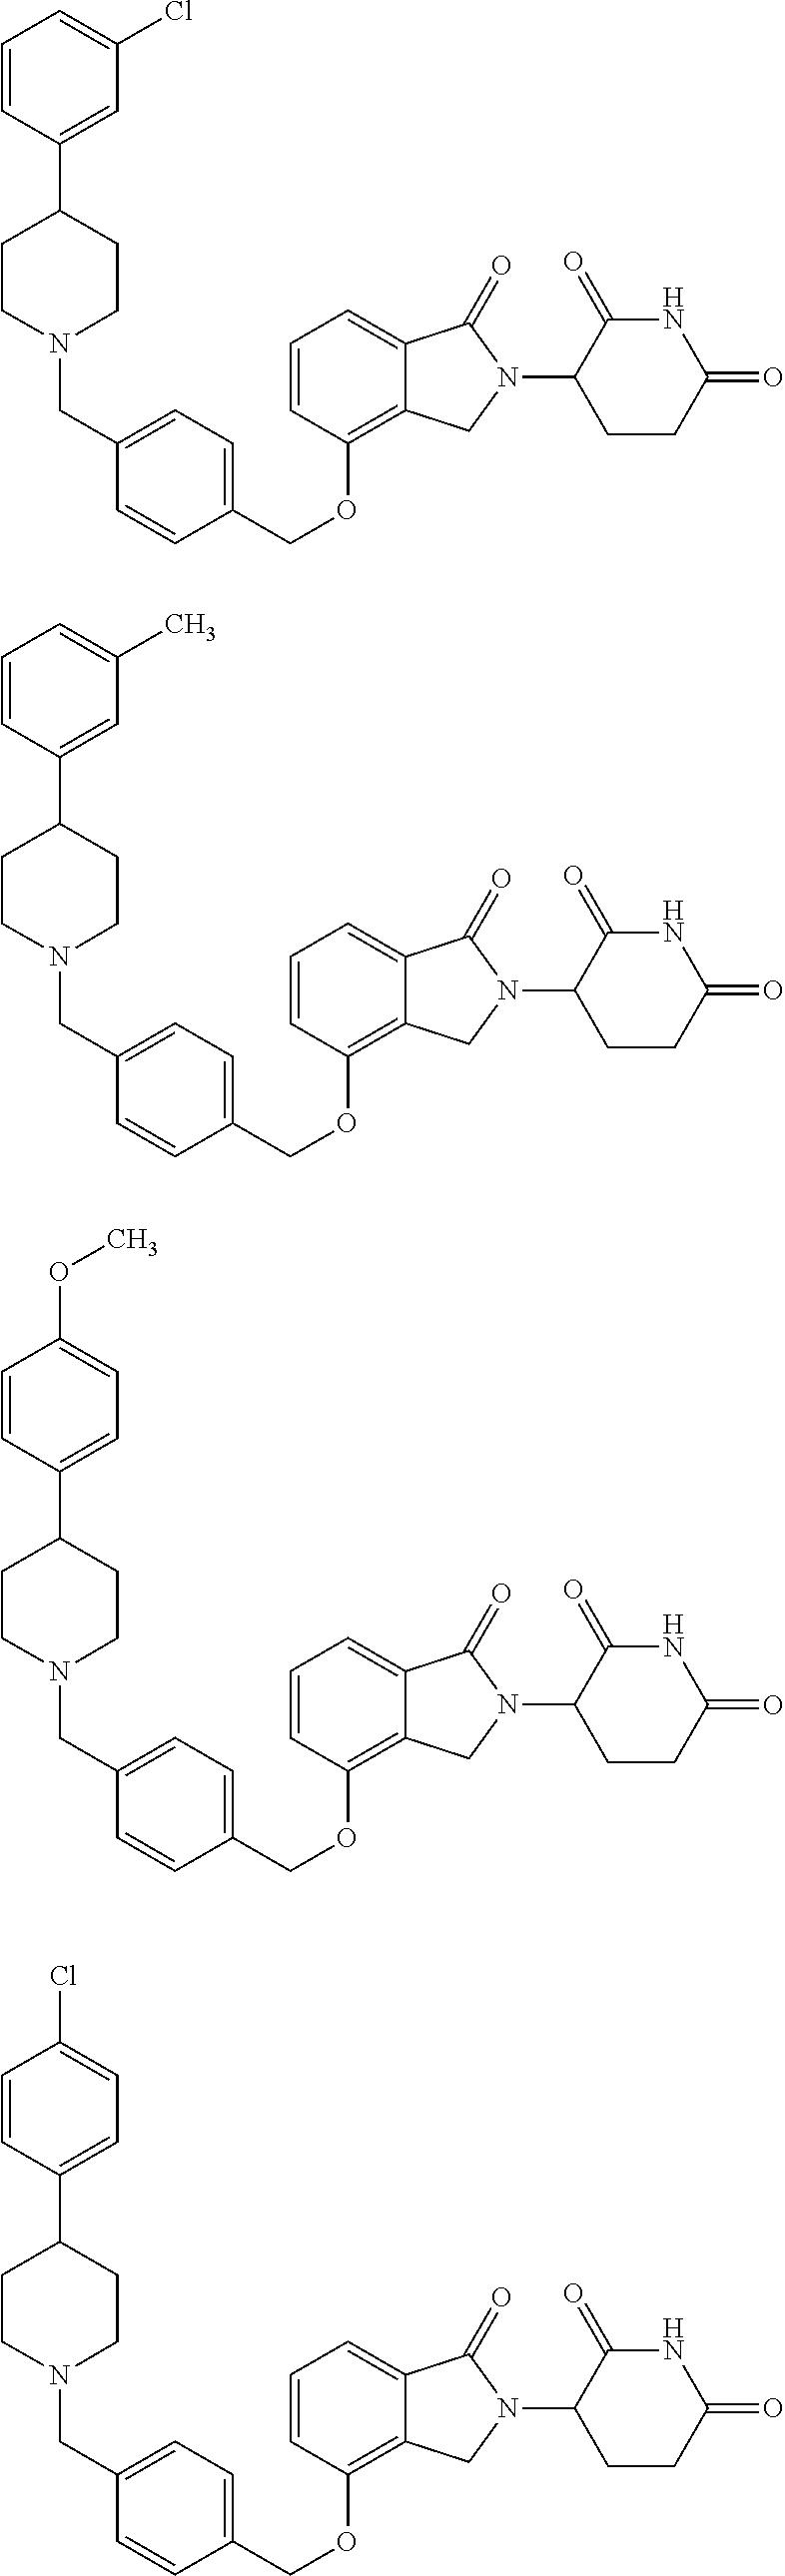 Figure US20110196150A1-20110811-C00053